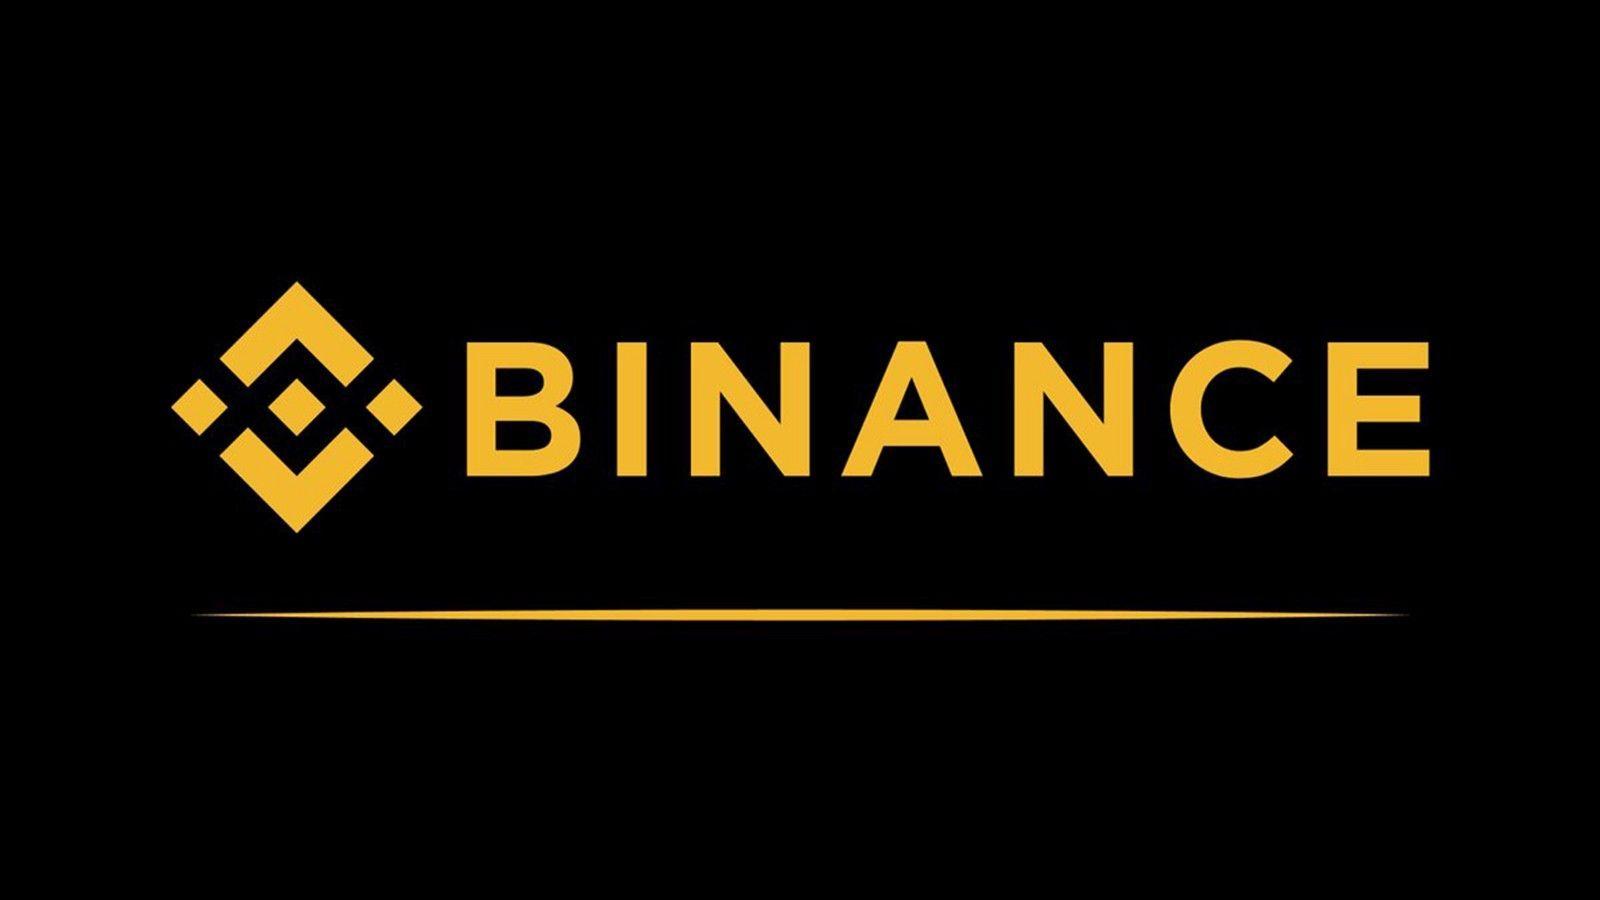 UK regulator bans crypto exchange group Binance